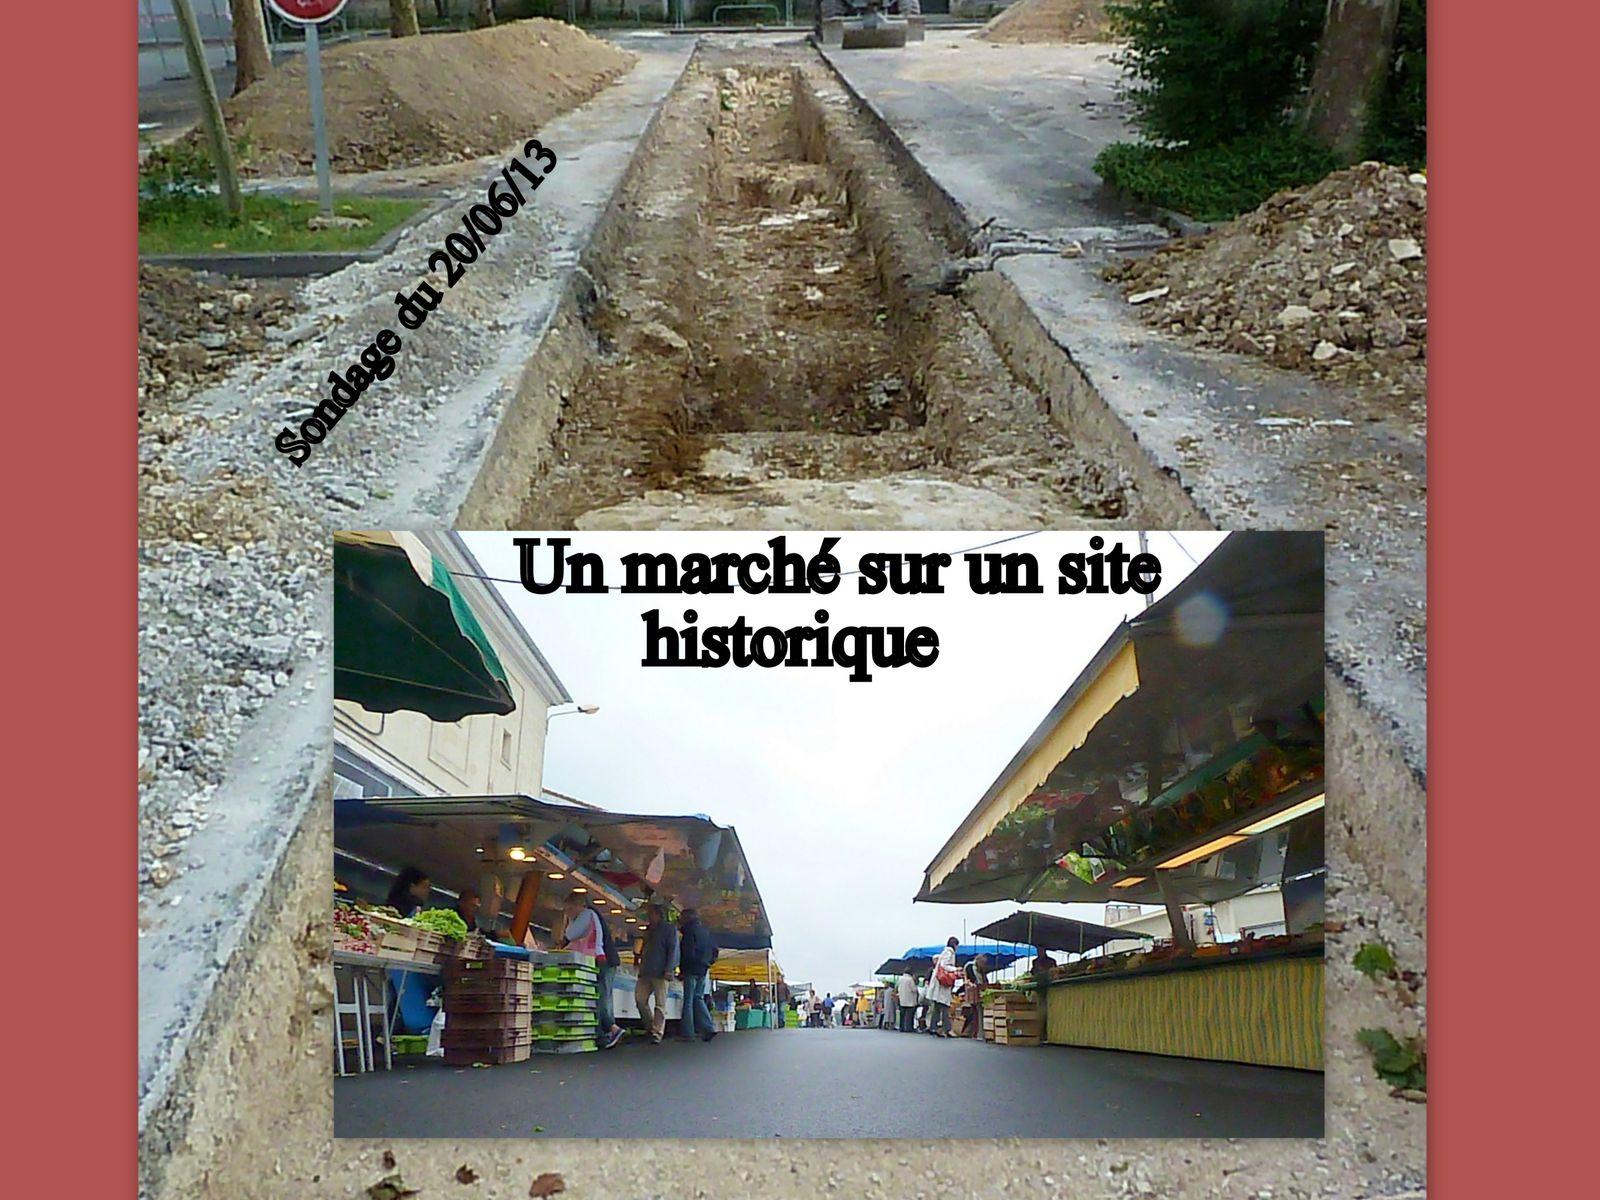 21 juin - Marché cours Reverseaux.. Inauguration - Piratage sur la Charente - Faits divers - Fête de la musique